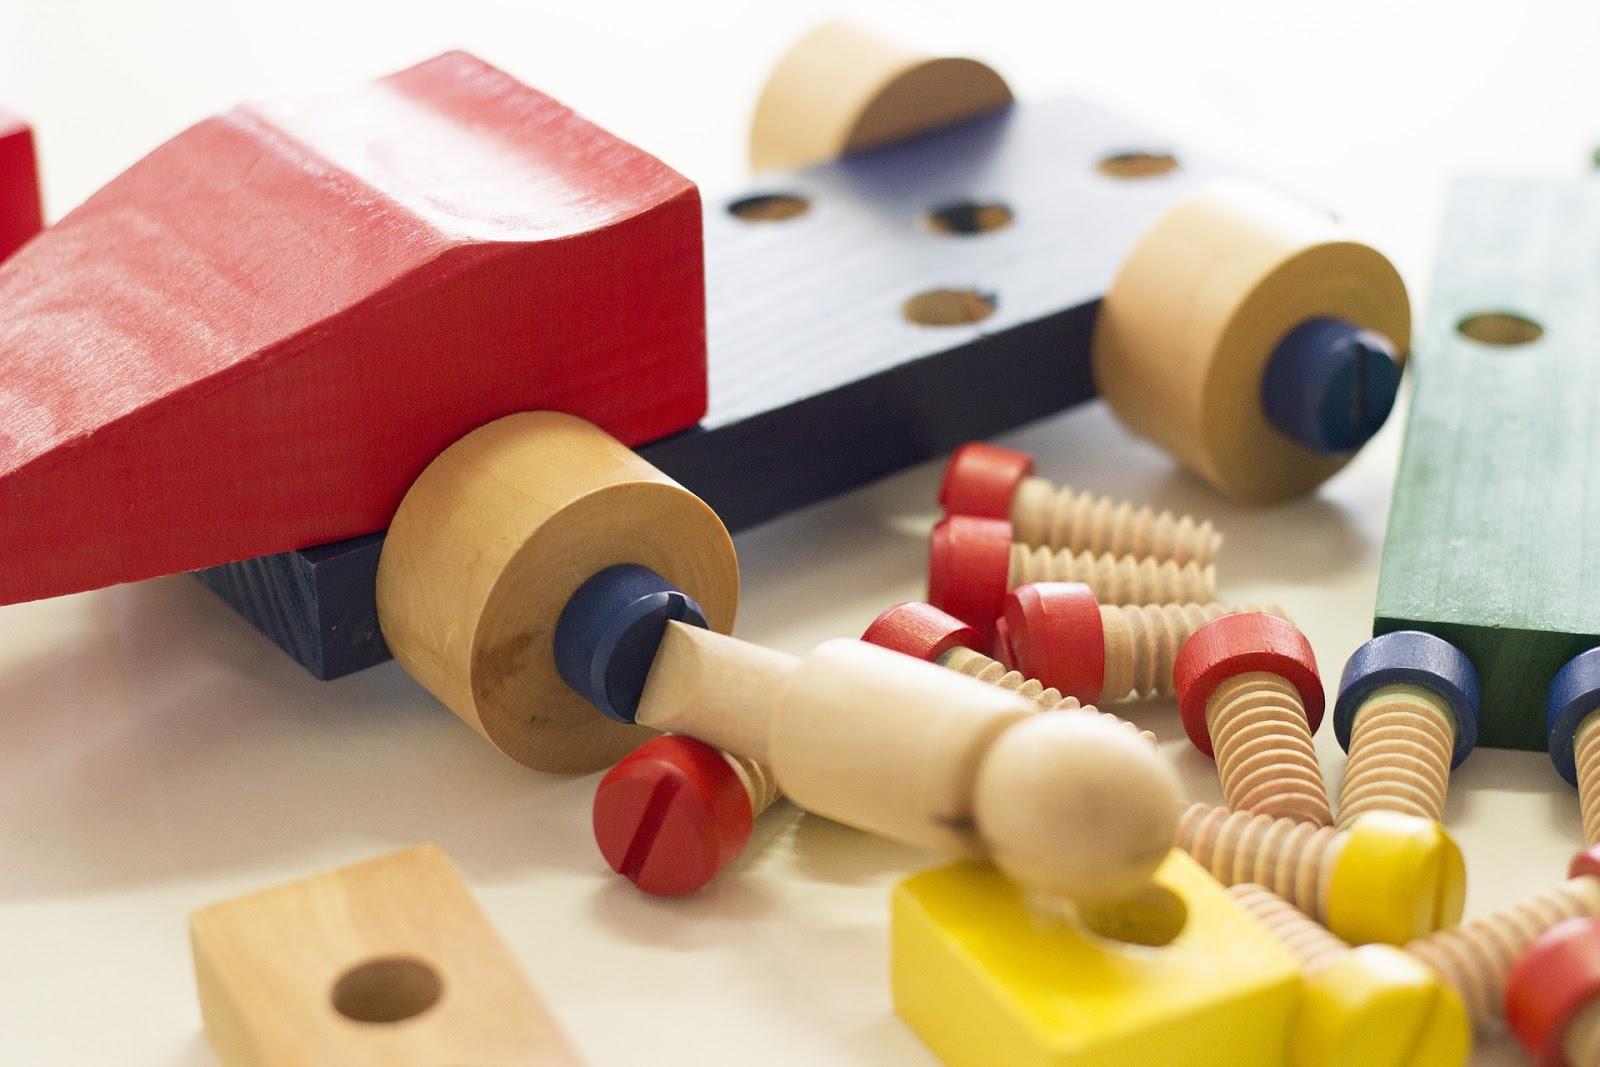 Montessori, metoda montessori, pedagogika montessori, kreatywność, rozwój dziecka, wspieranie rozwoju dziecka